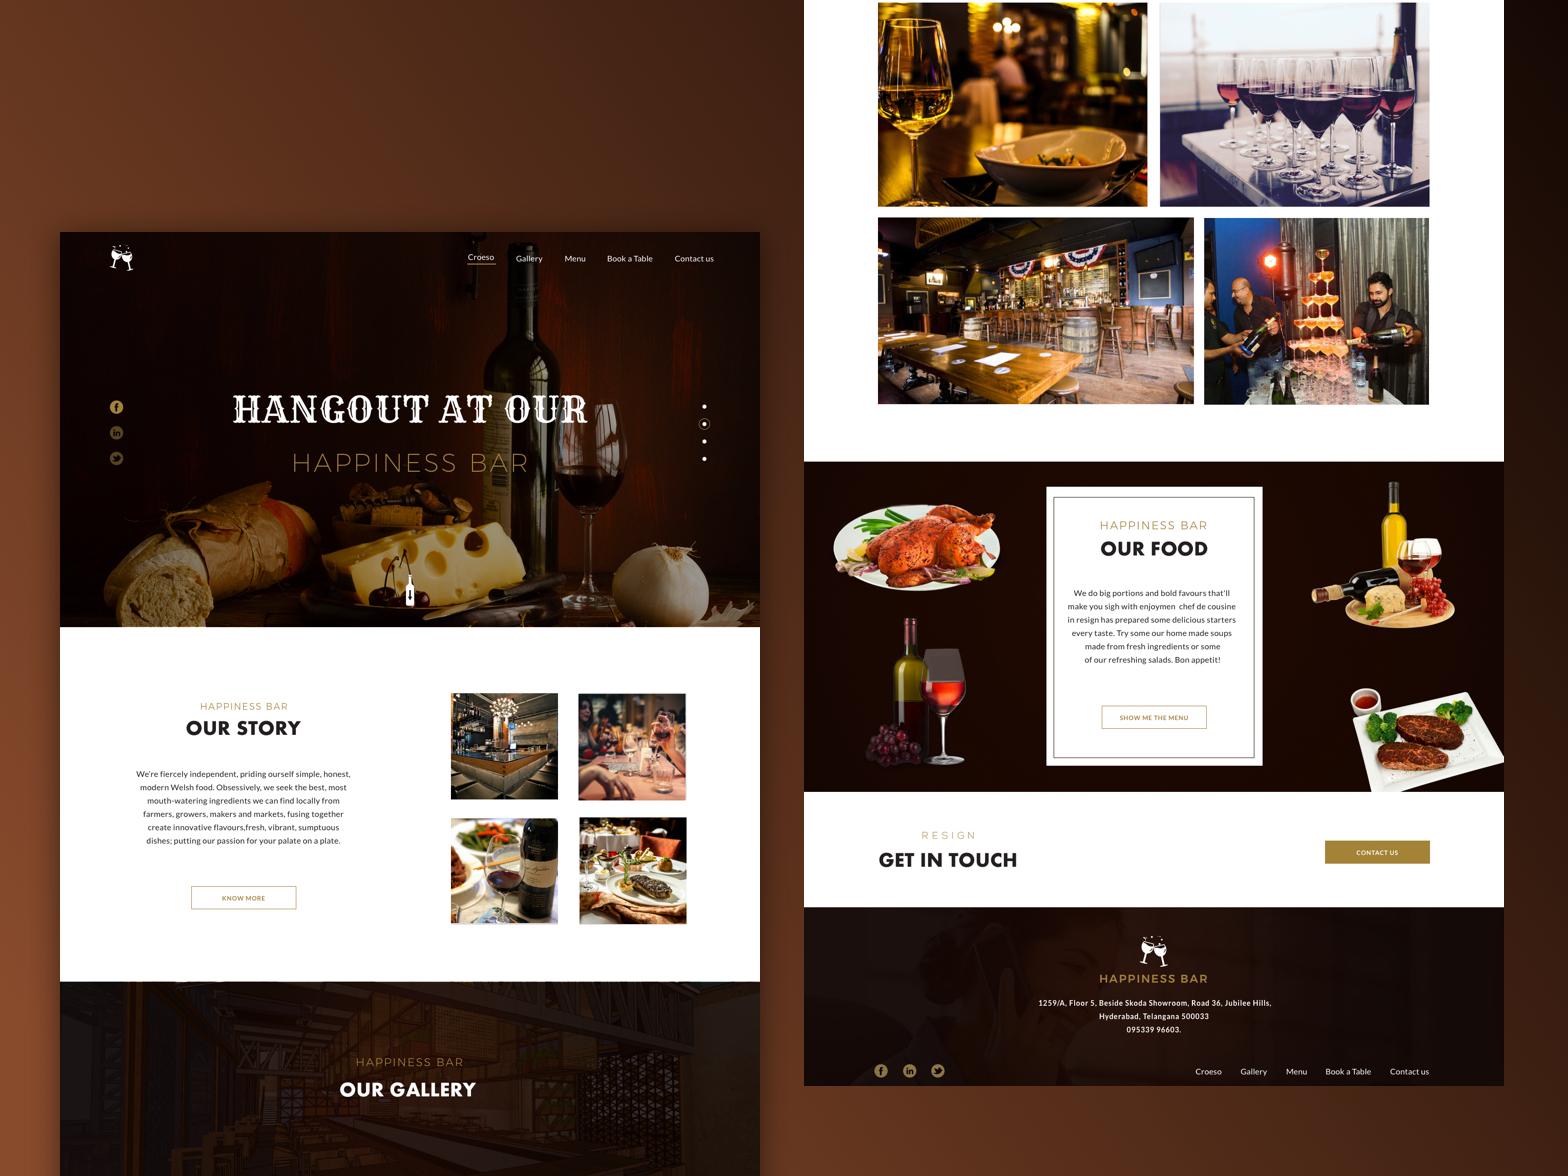 Resturent & Bar site site wine app wine bar website theme food app ux designer interface design landing page brown bar resturent dark design ui  ux design